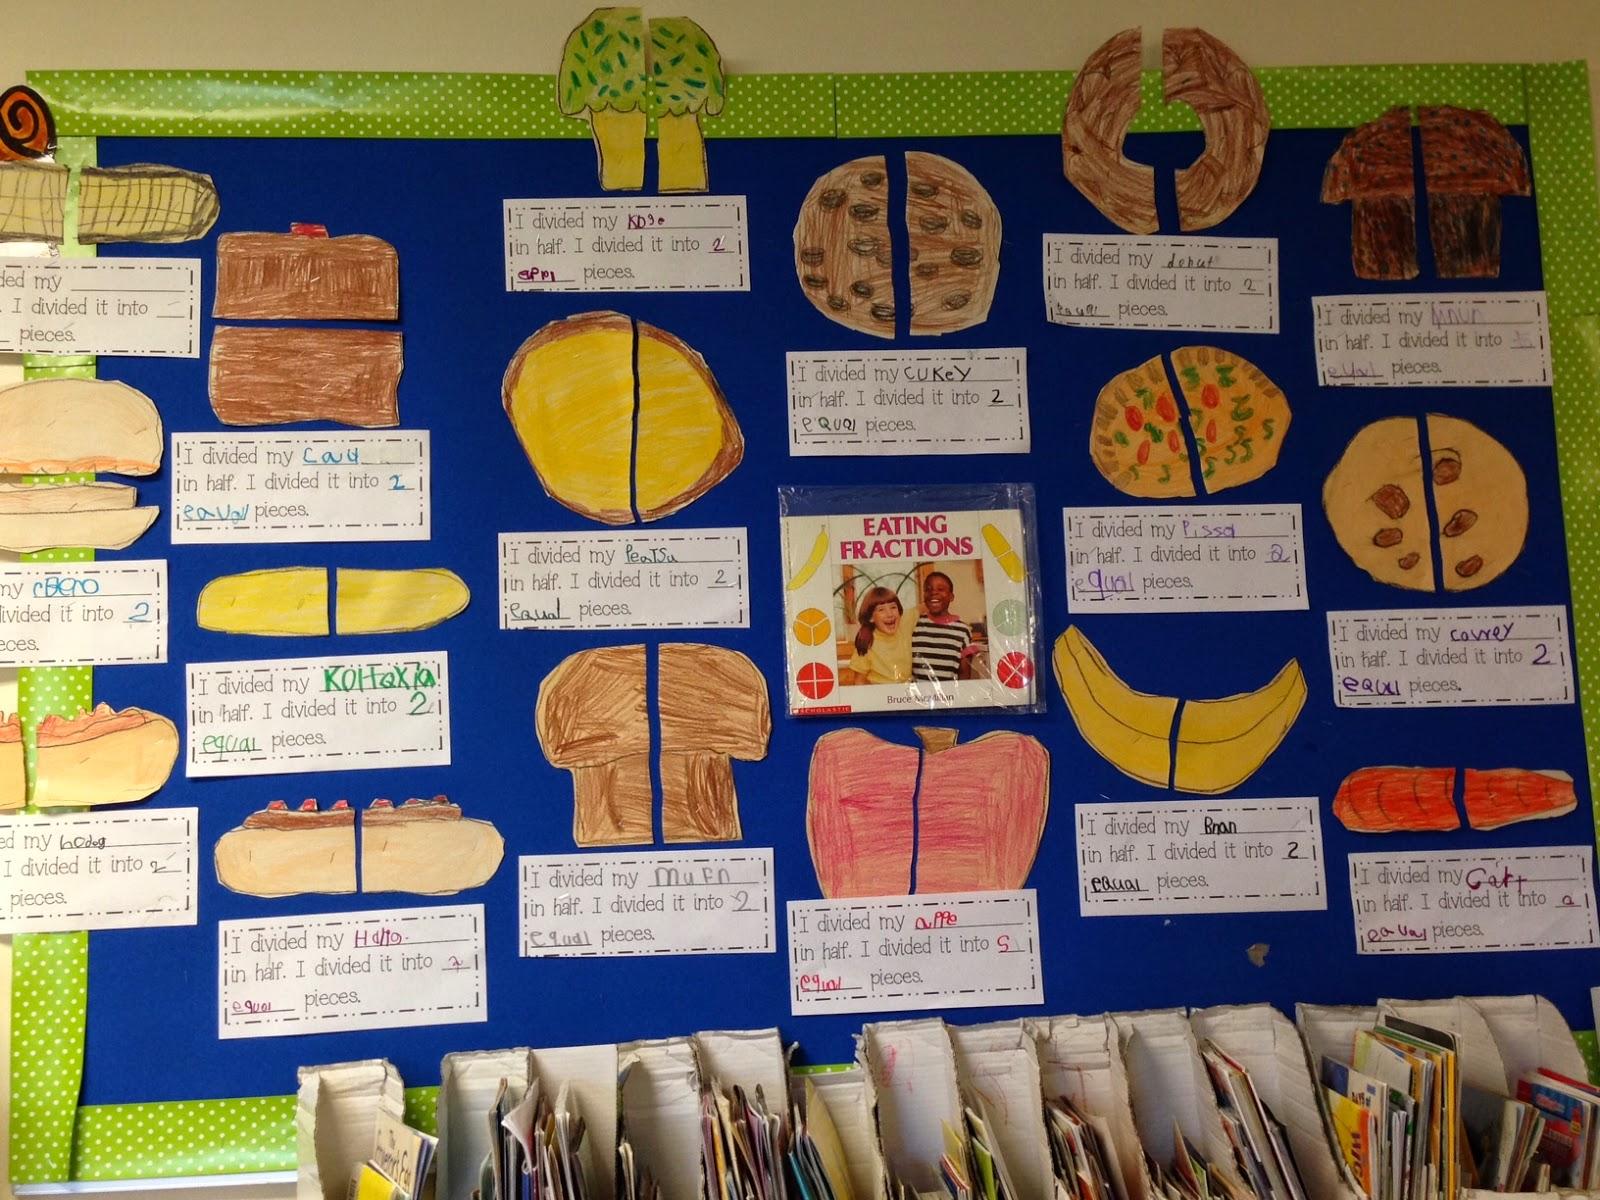 instructional activities for preschoolers